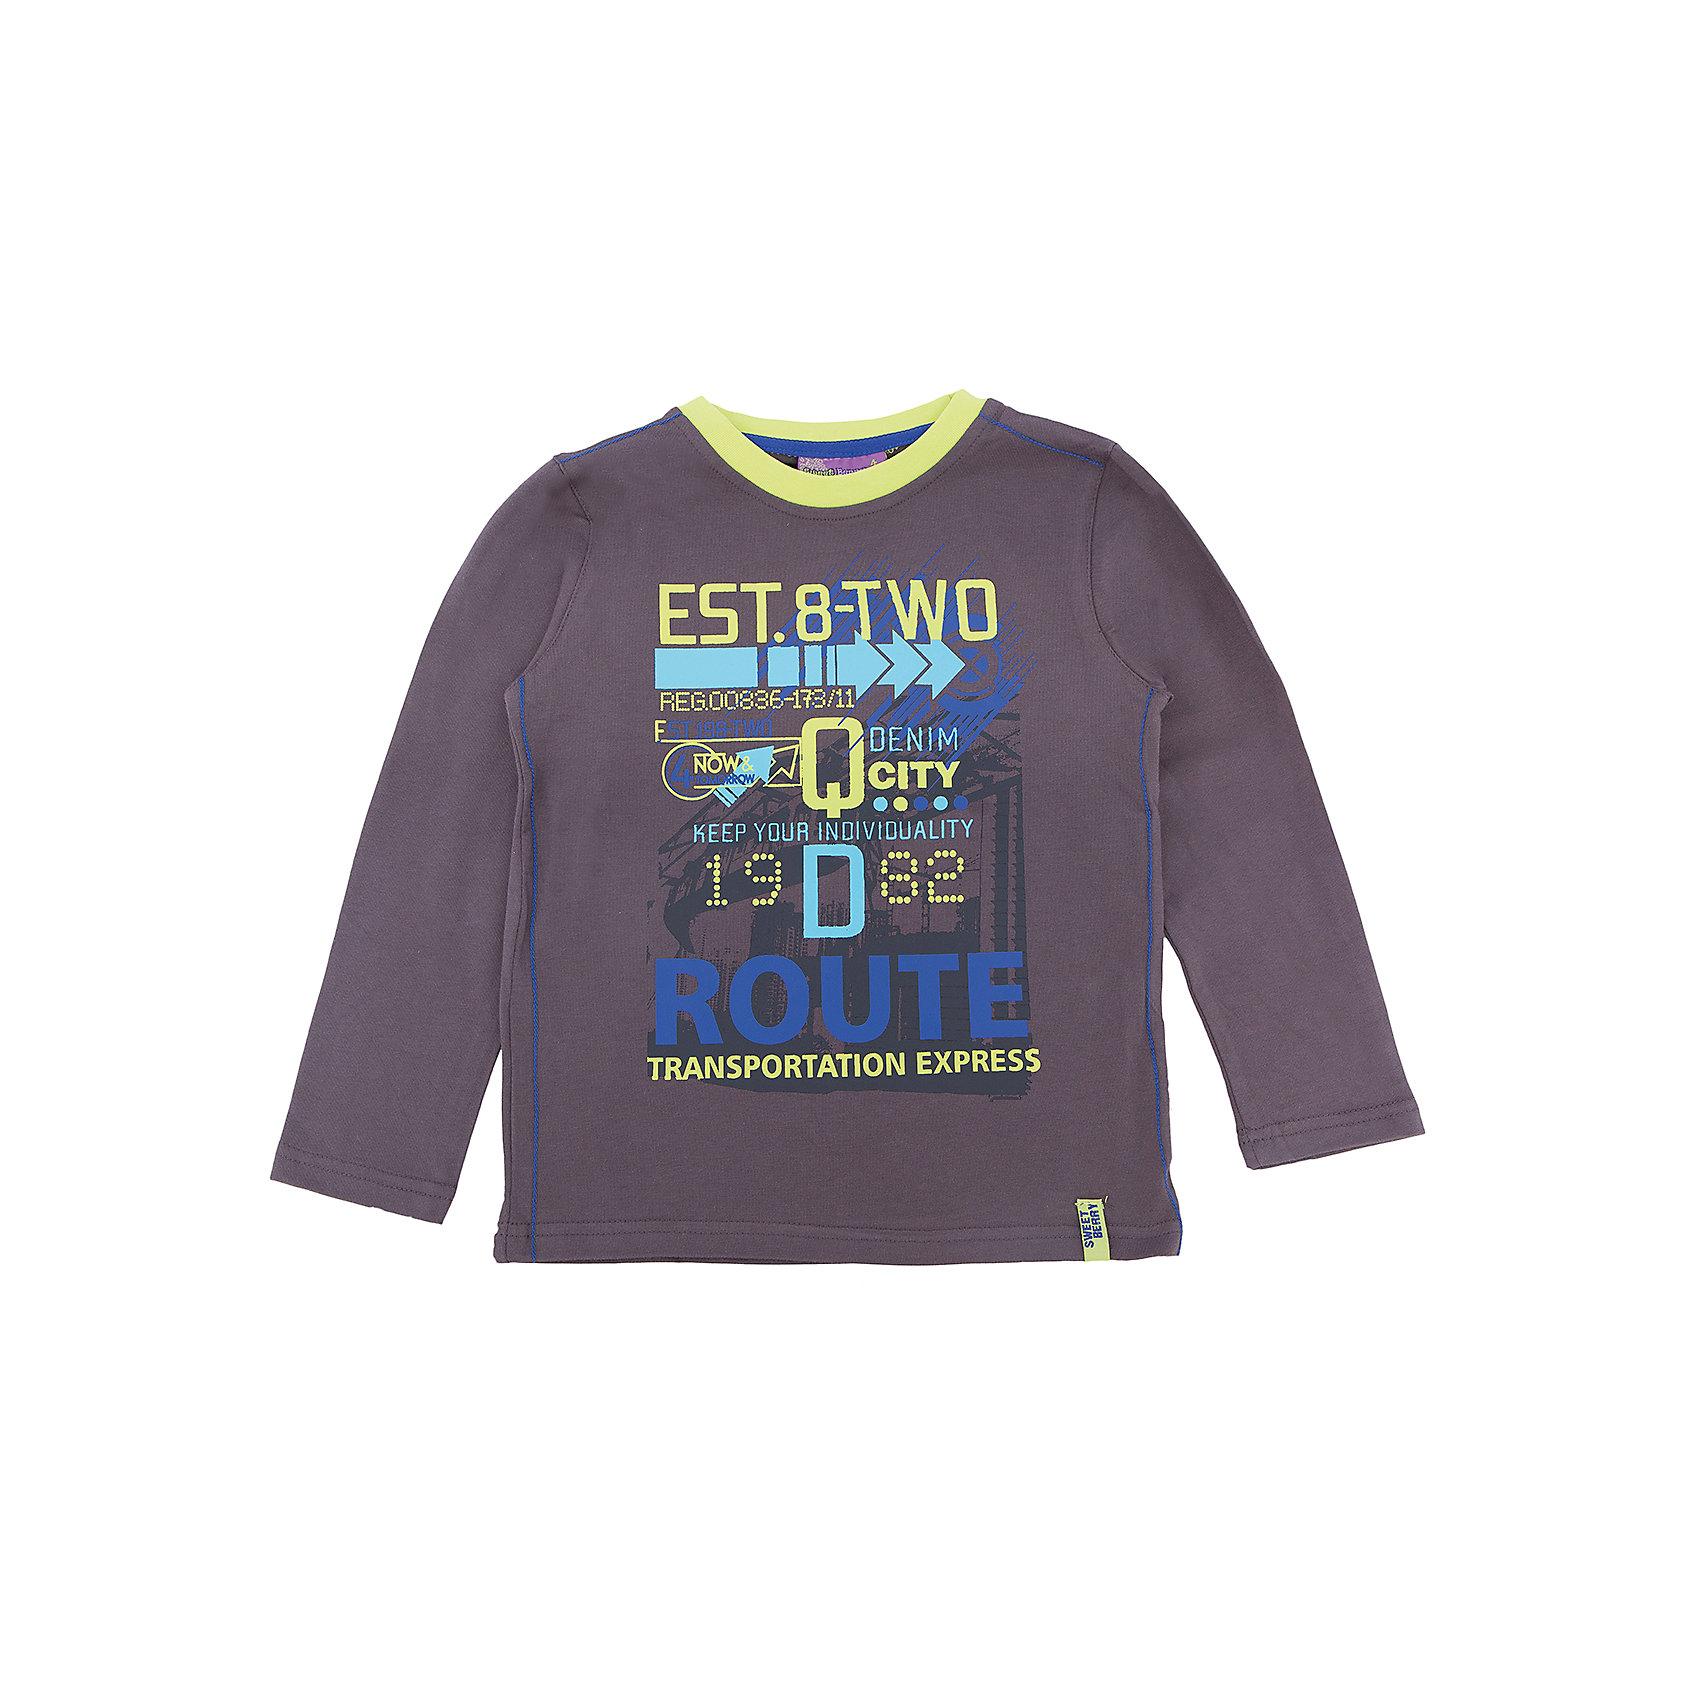 Футболка с длинным рукавом для мальчика Sweet BerryТакая футболка с длинным рукавом для мальчика отличается модным дизайном с ярким принтом. Удачный крой обеспечит ребенку комфорт и тепло. Горловина изделия обработана мягкой резинкой, поэтому вещь плотно прилегает к телу там, где нужно, и отлично сидит по фигуре.<br>Одежда от бренда Sweet Berry - это простой и выгодный способ одеть ребенка удобно и стильно. Всё изделия тщательно проработаны: швы - прочные, материал - качественный, фурнитура - подобранная специально для детей. <br><br>Дополнительная информация:<br><br>цвет: серый;<br>материал: 95% хлопок, 5% эластан;<br>декорирована принтом.<br><br>Футболку с длинным рукавом для мальчика от бренда Sweet Berry можно купить в нашем интернет-магазине.<br><br>Ширина мм: 230<br>Глубина мм: 40<br>Высота мм: 220<br>Вес г: 250<br>Цвет: серый<br>Возраст от месяцев: 36<br>Возраст до месяцев: 48<br>Пол: Мужской<br>Возраст: Детский<br>Размер: 104,110,116,122,128,98<br>SKU: 4930704